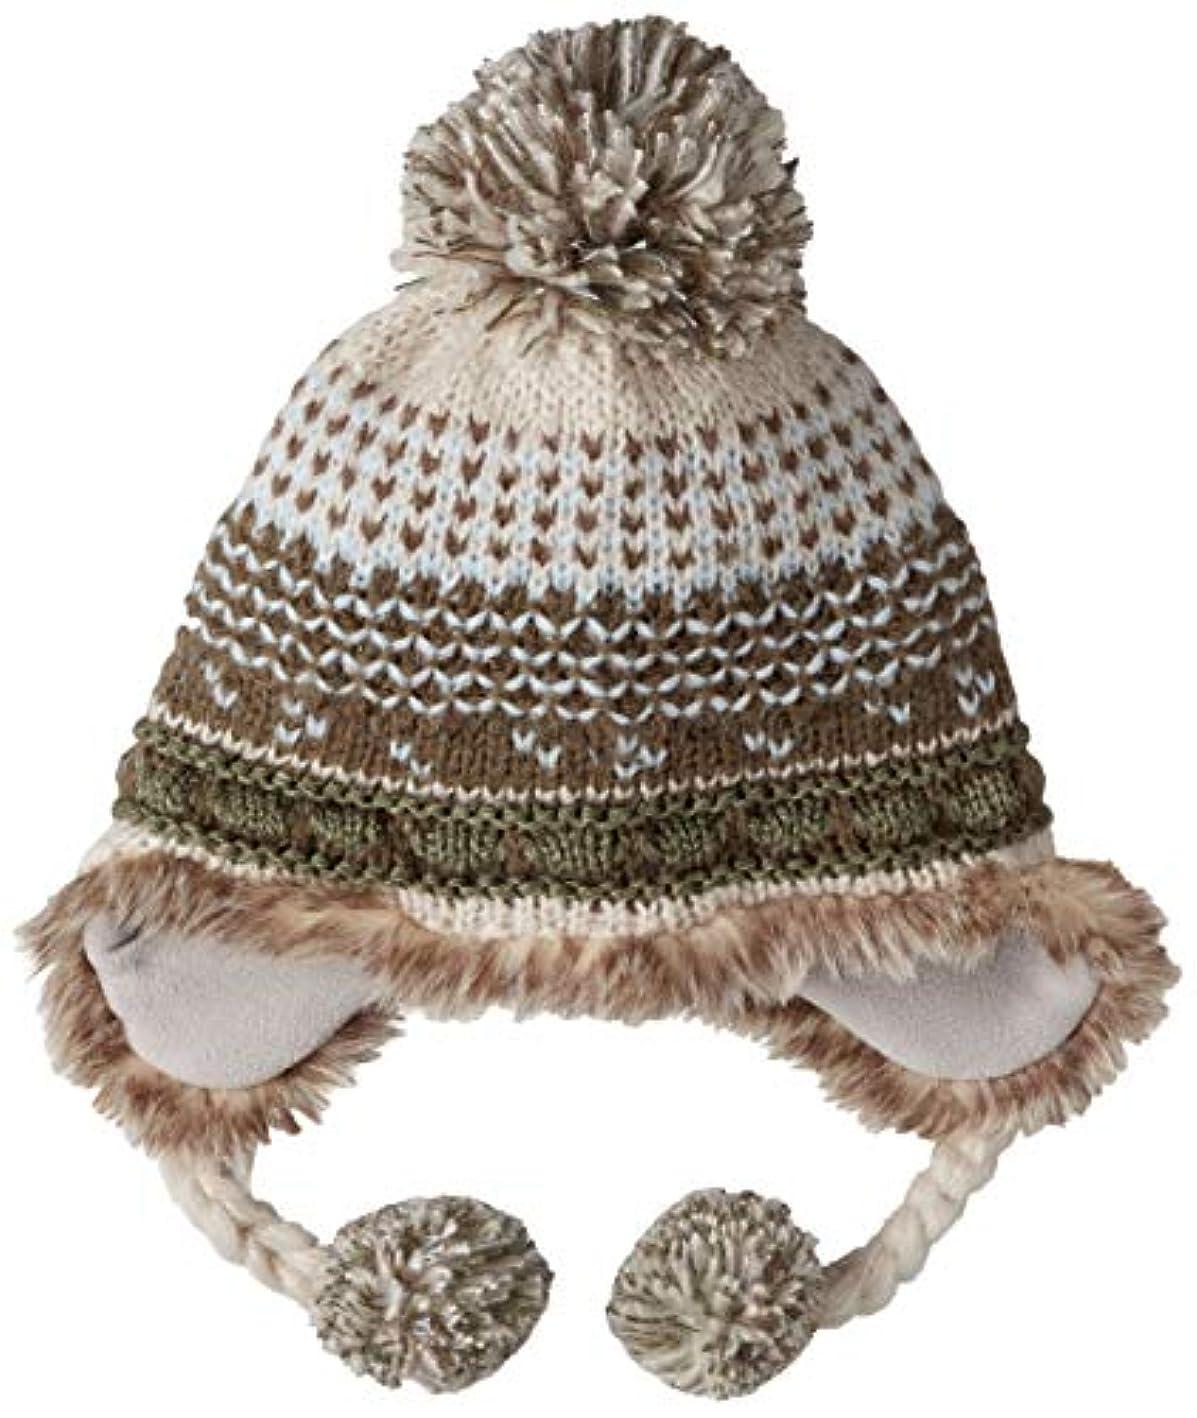 過去爬虫類ドナウ川[フェニックス] 帽子 ビーニー レディース PH868HW70